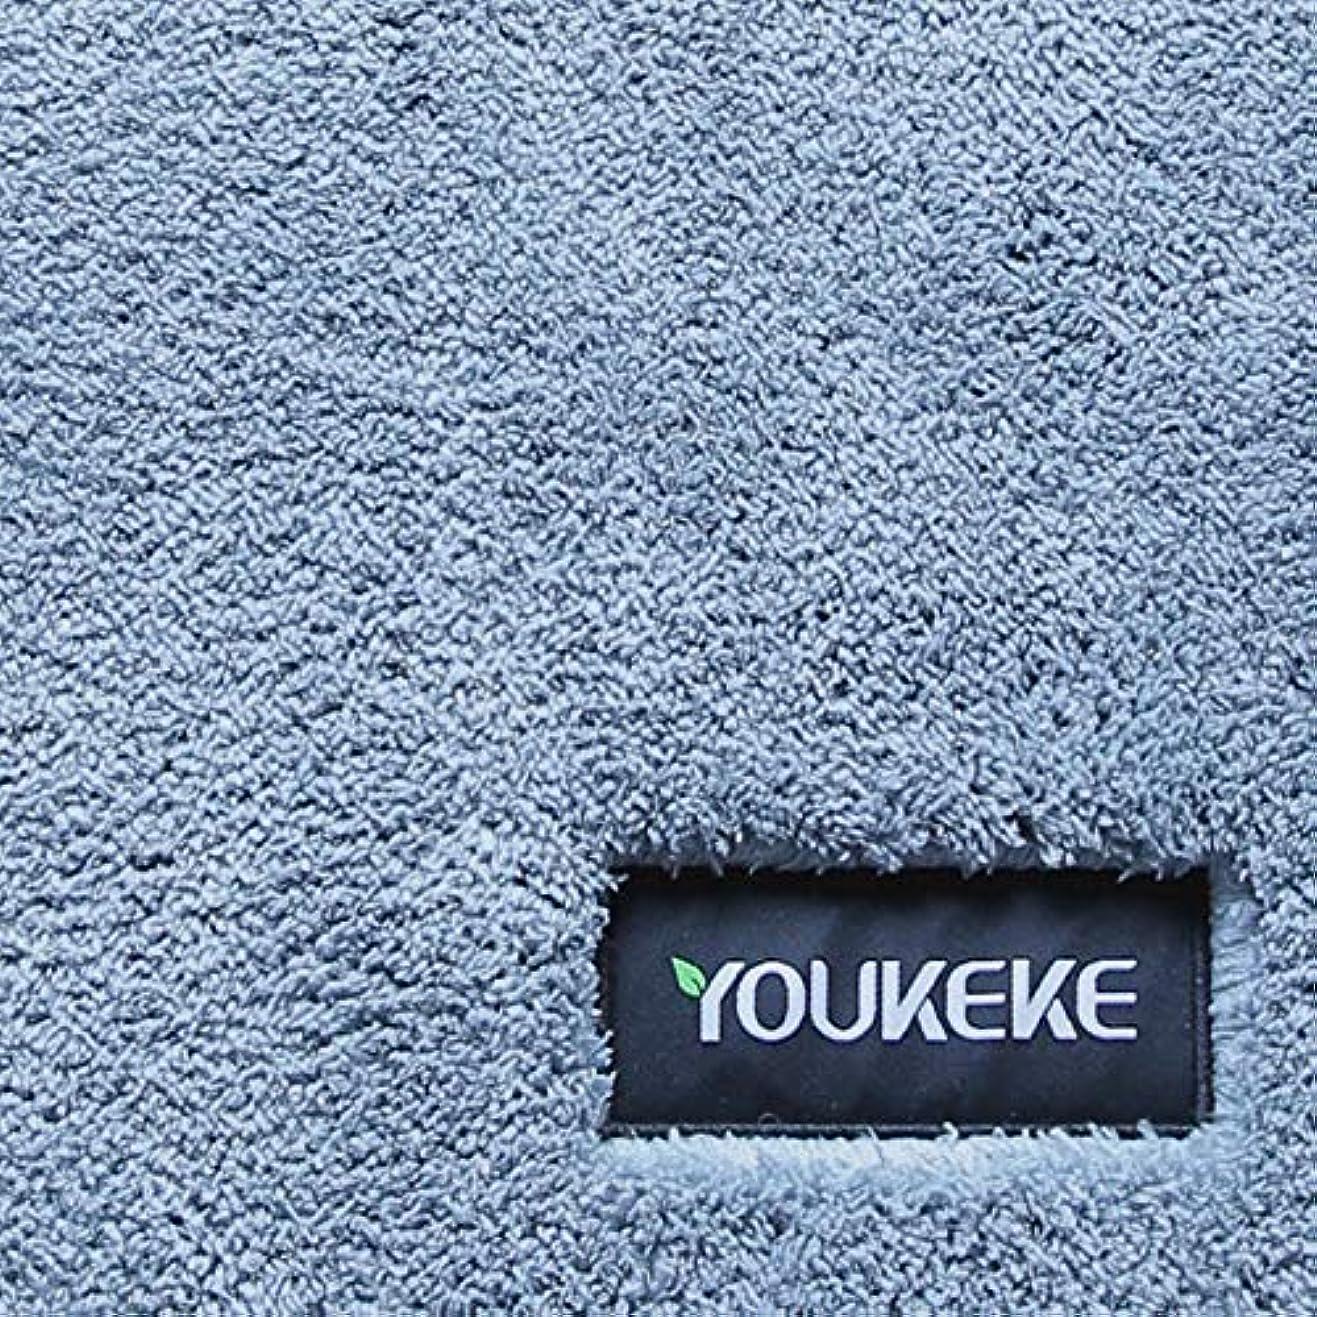 放牧する爆発物論理玄関マット ふわふわ 無地 台所カーペット 長方形 160×230cm 北欧 滑り止めマット 吸水 速乾 フロアマット 足拭きマット キッチンマット 洗えるラグ 絨毯カーペット グレー